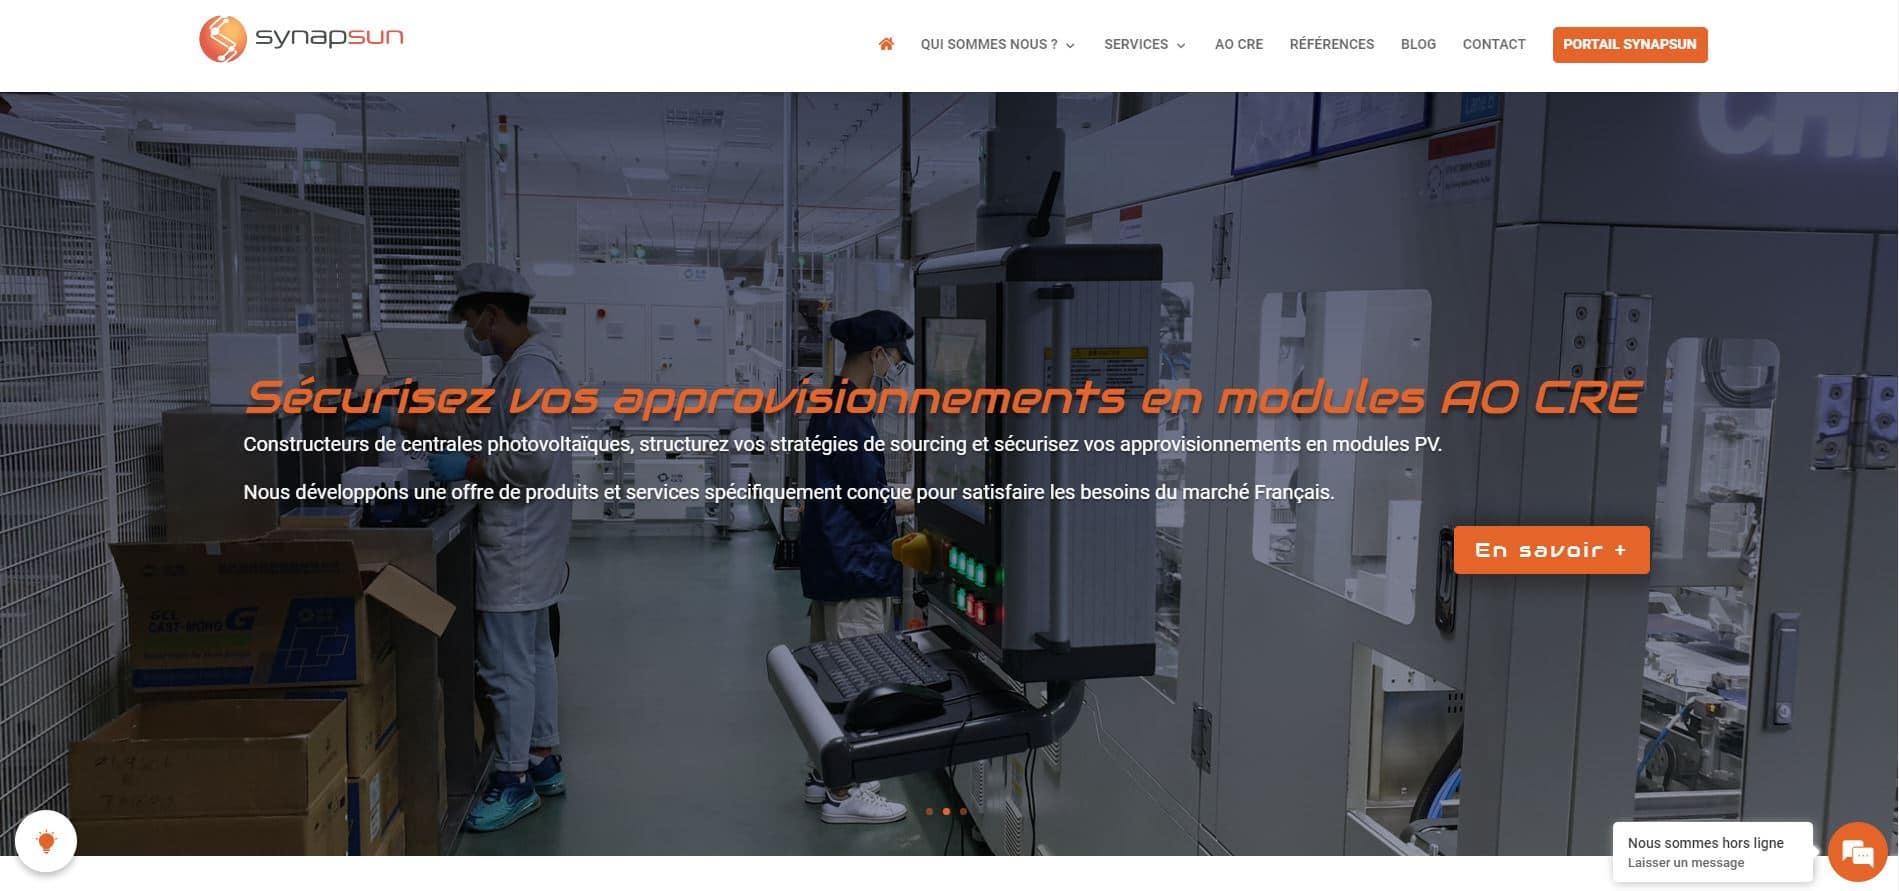 Page d'accueil du nouveau site web de synapsun